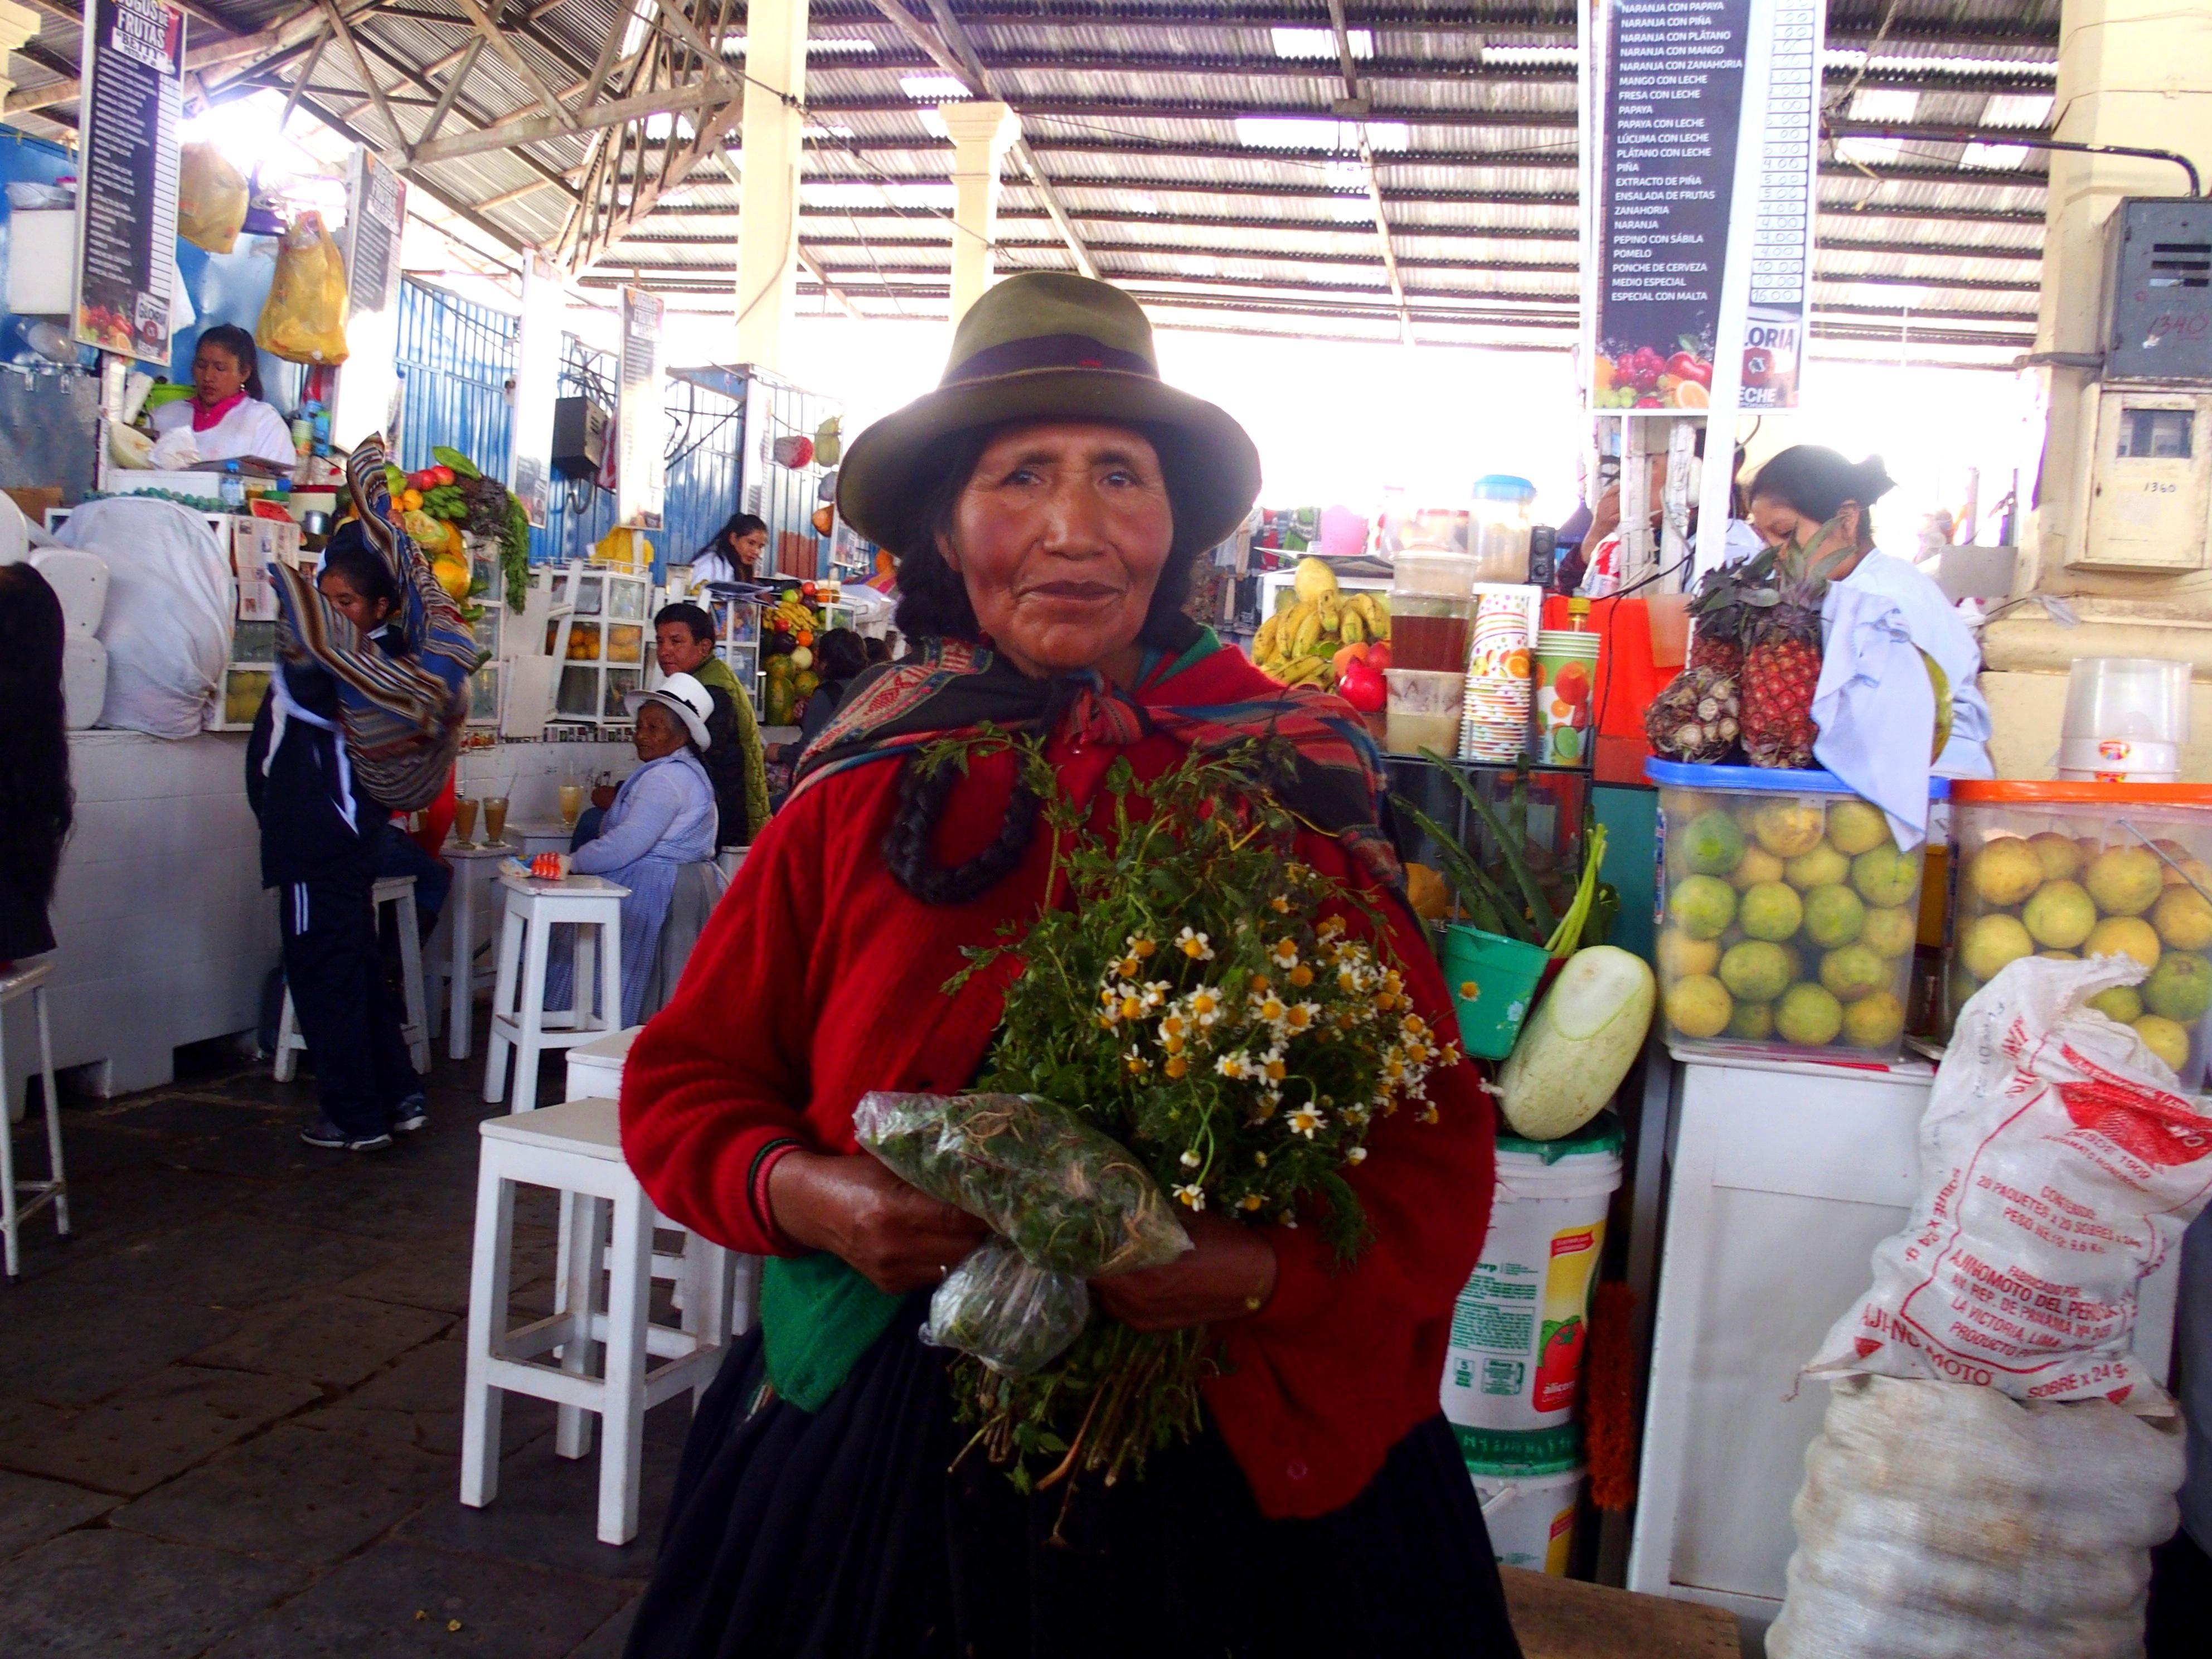 Dame équatorienne au marché de Cuenca Equateur